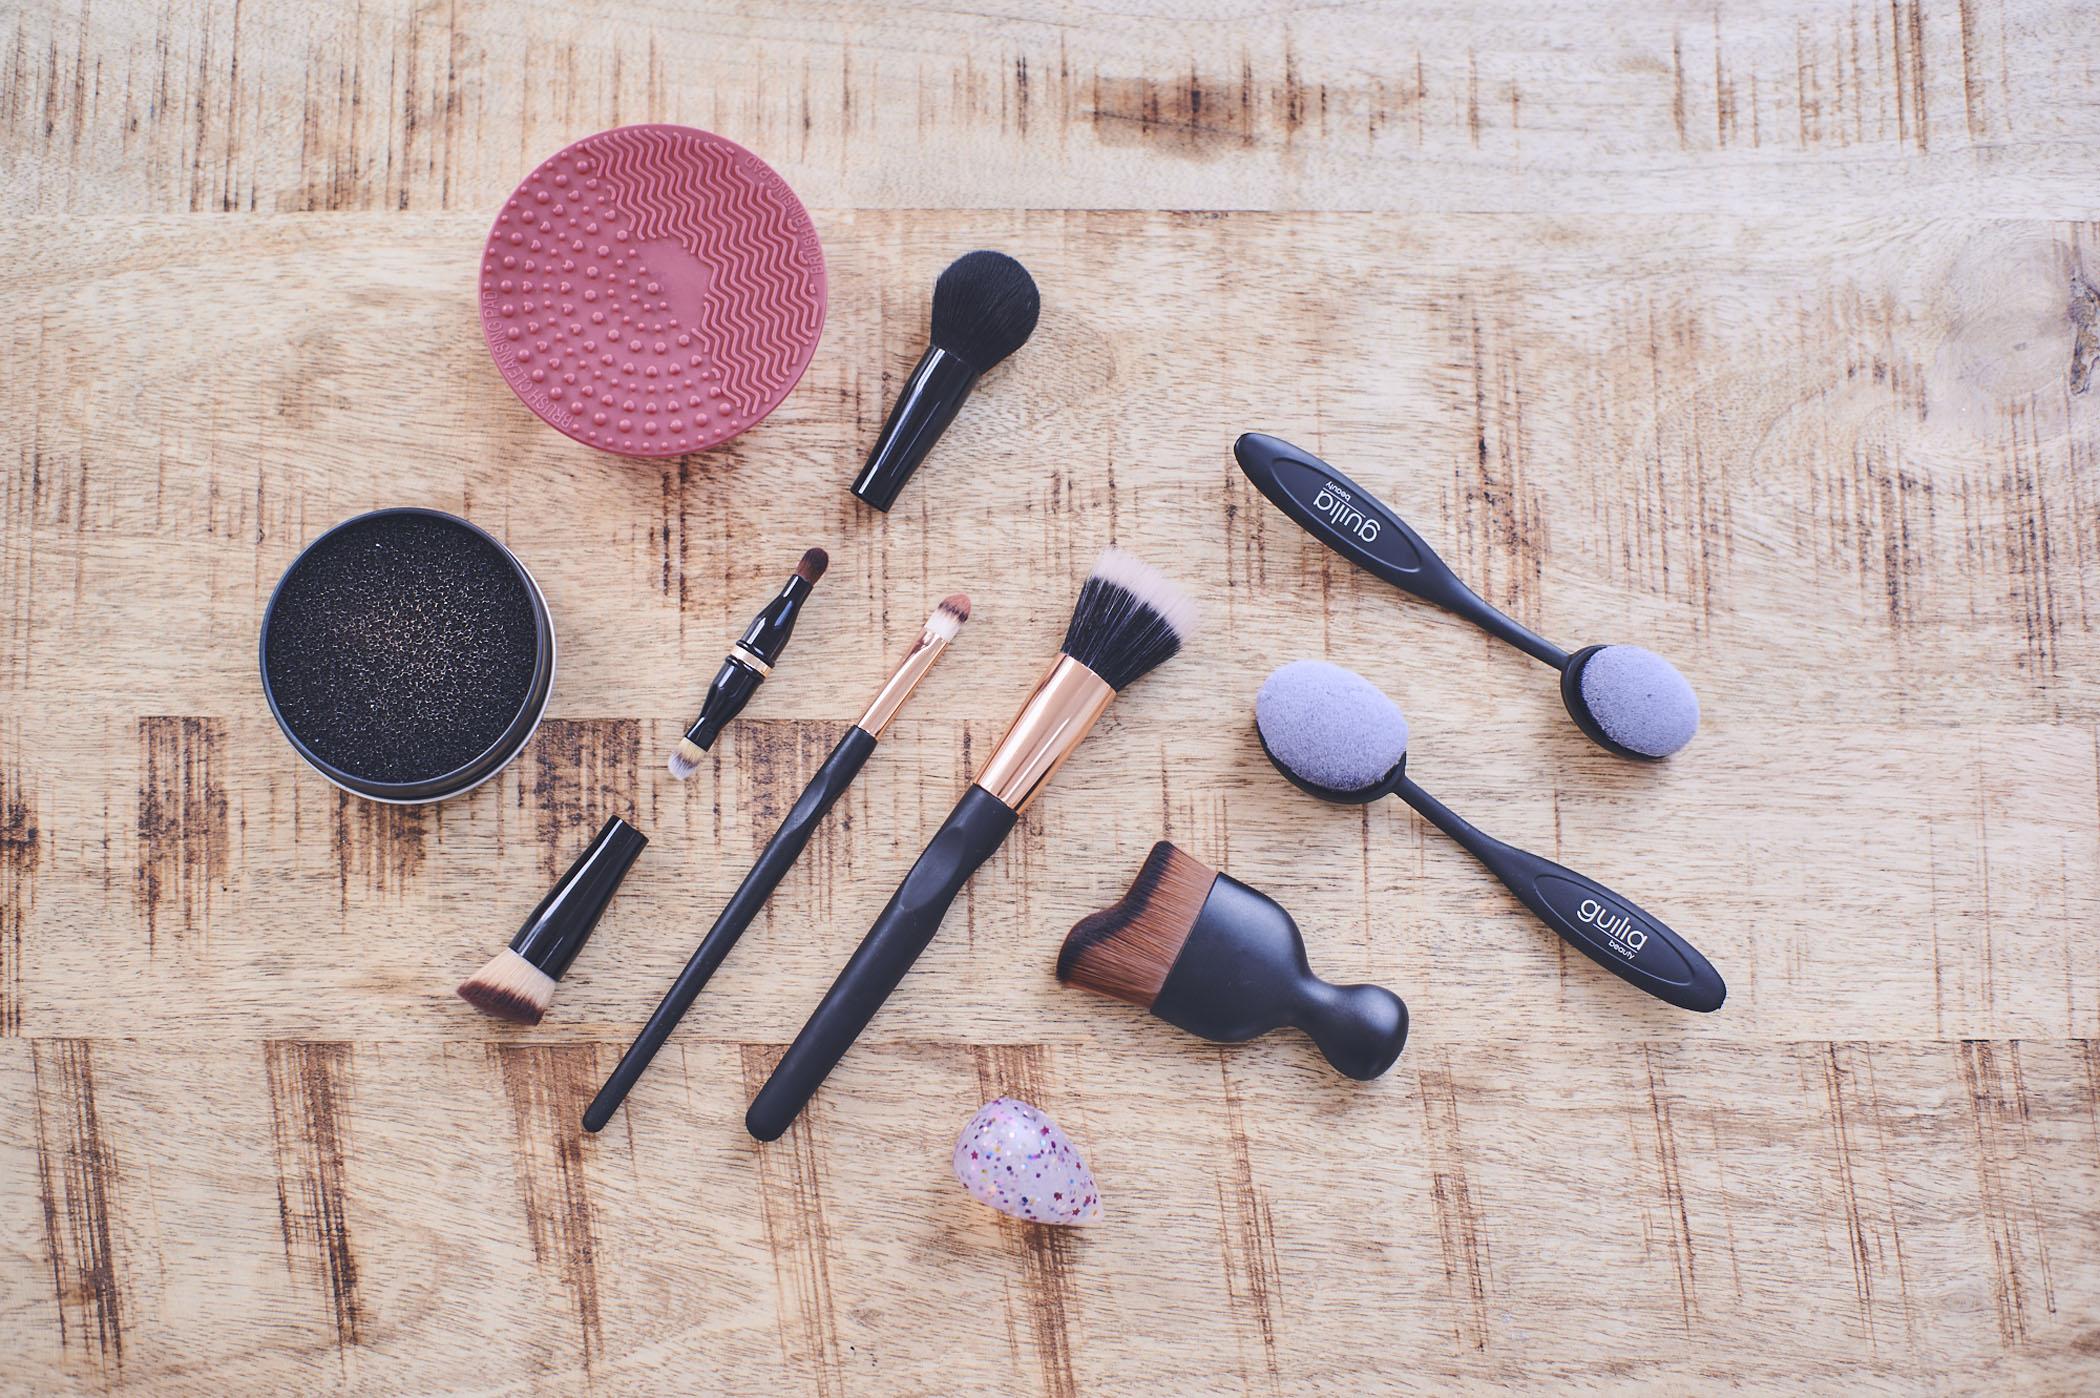 Ab September erhältlich: Verschiedene neue Pinsel und Beauty-Tools von Guilia.